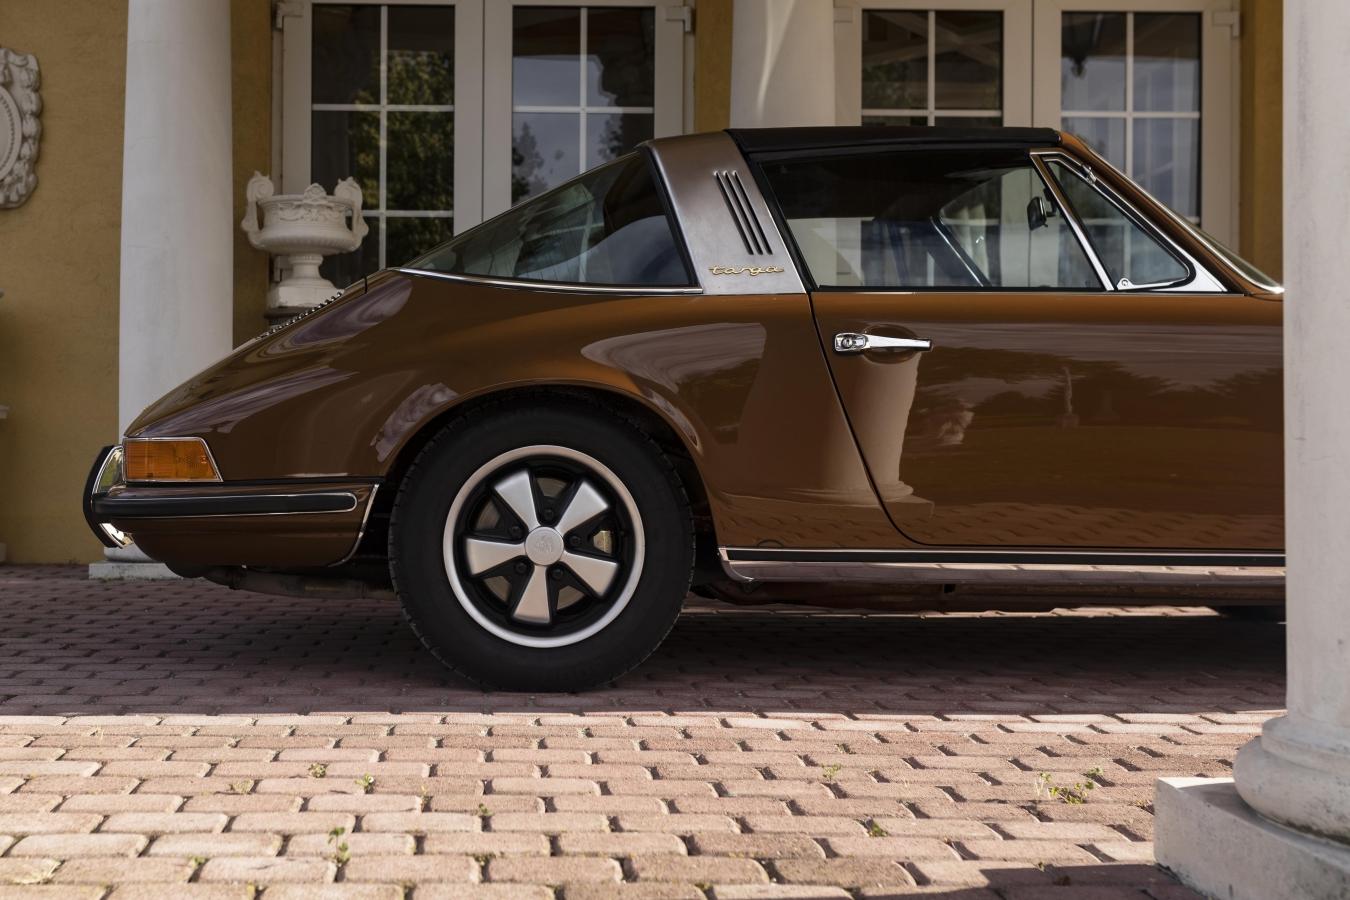 Sepiabraun Porsche 911 aus 6